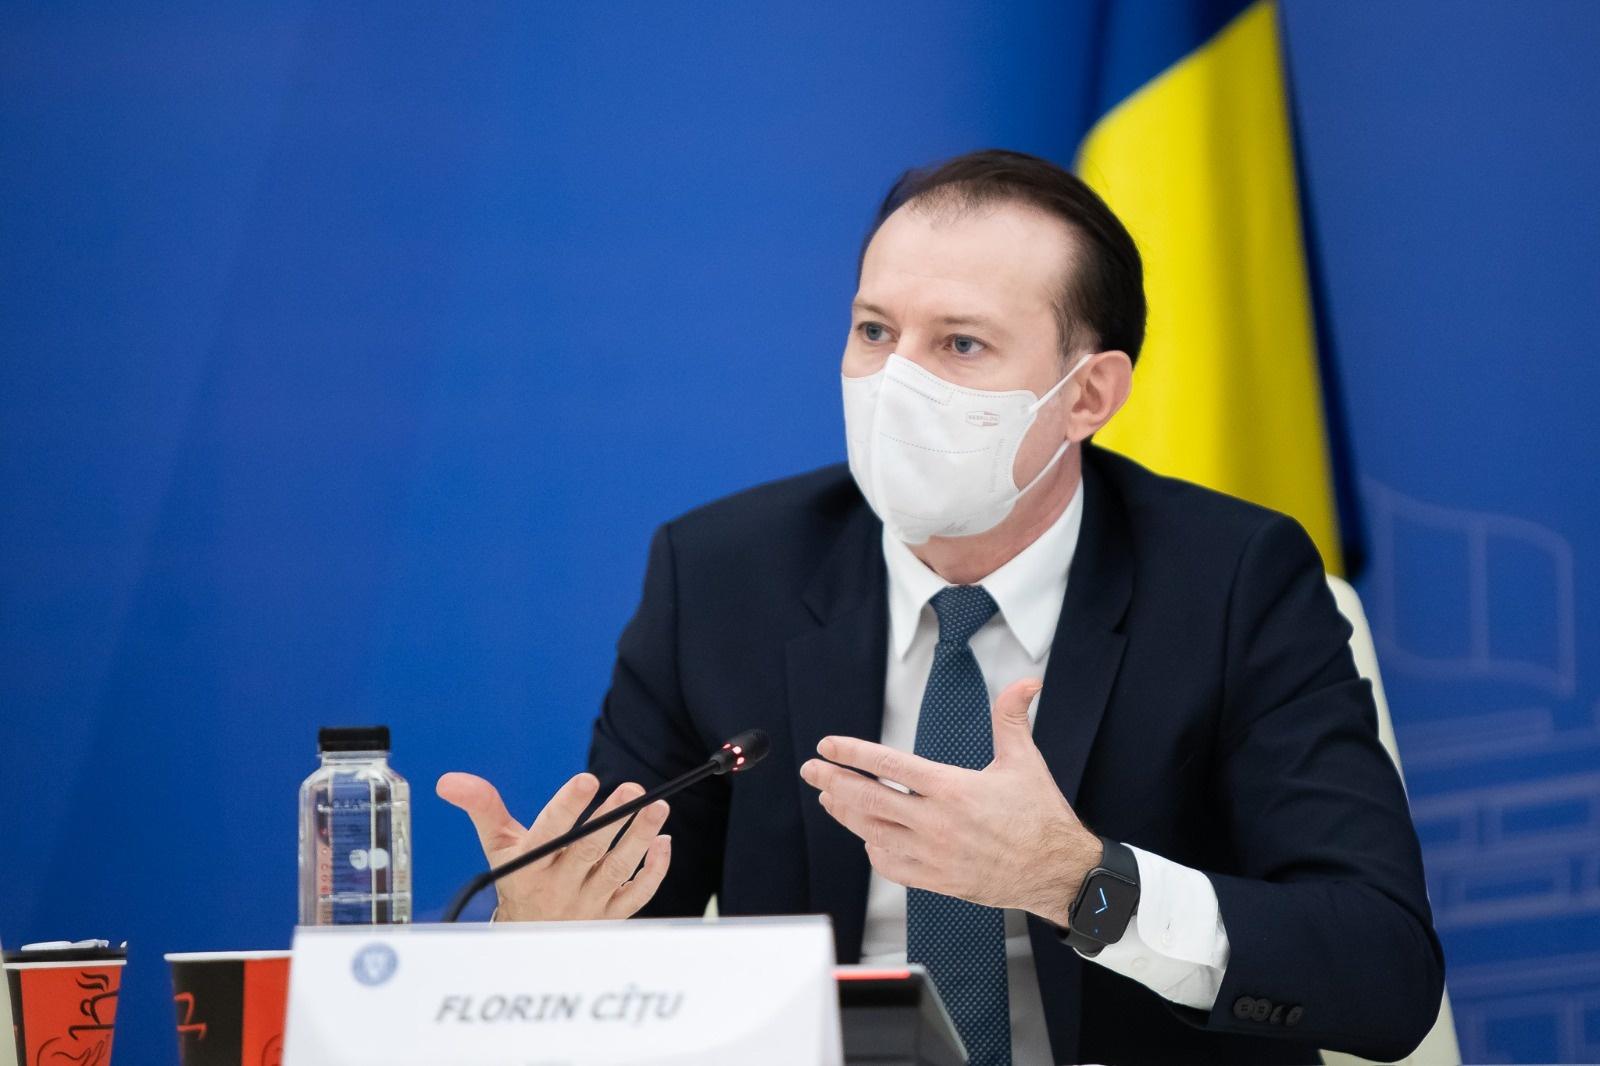 Florin Cîţu: Certificatul verde digital va fi operaţional de la 1 iulie